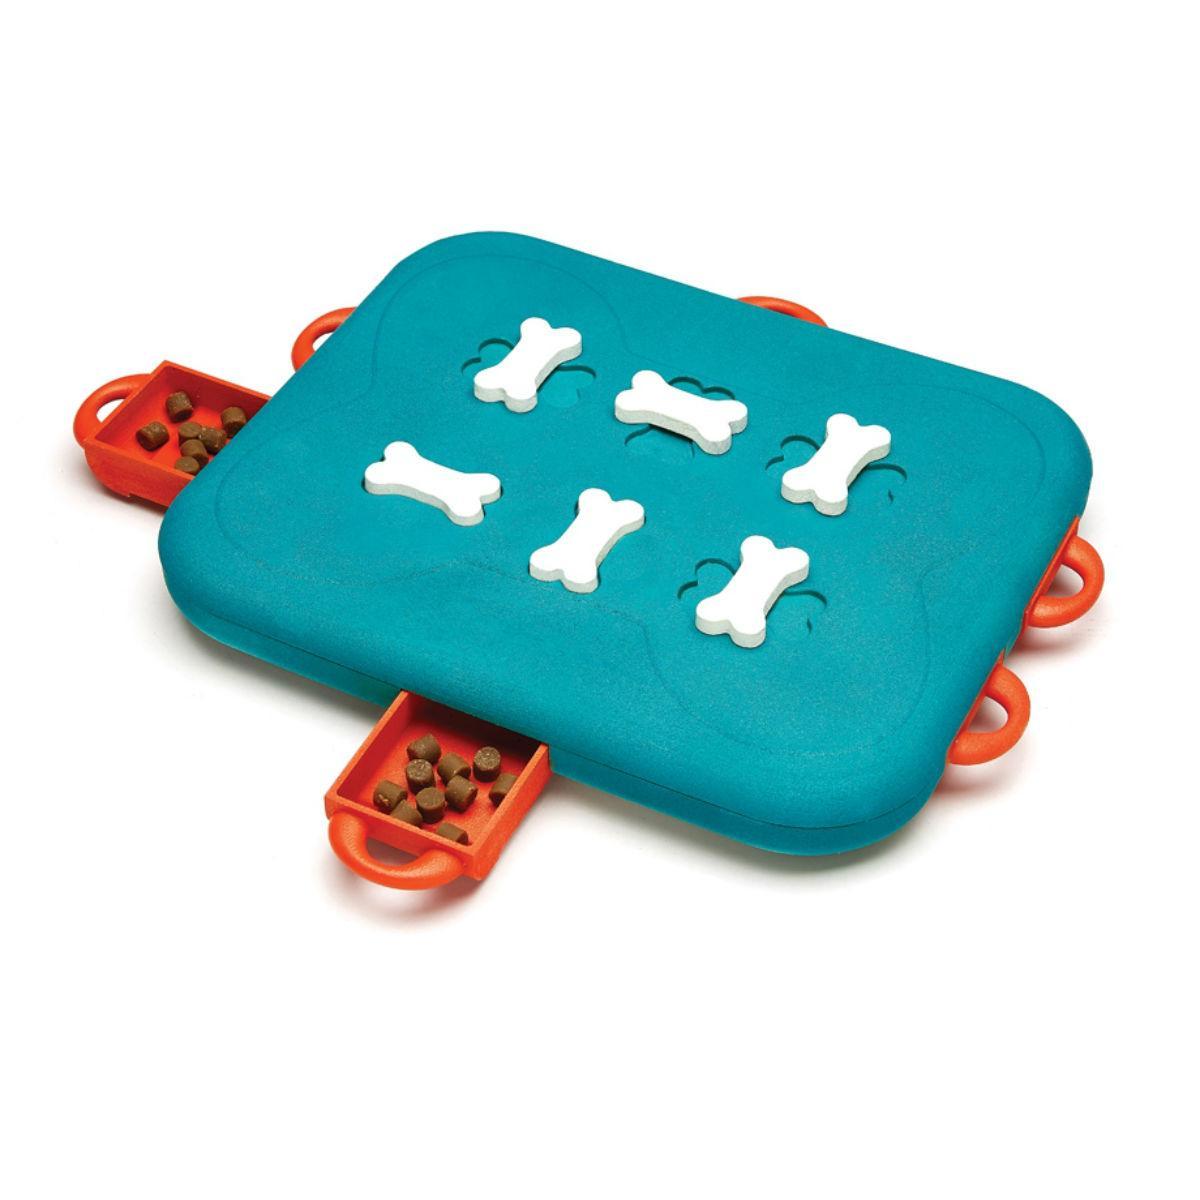 Nina Ottosson Puzzle Dog Toy - Casino